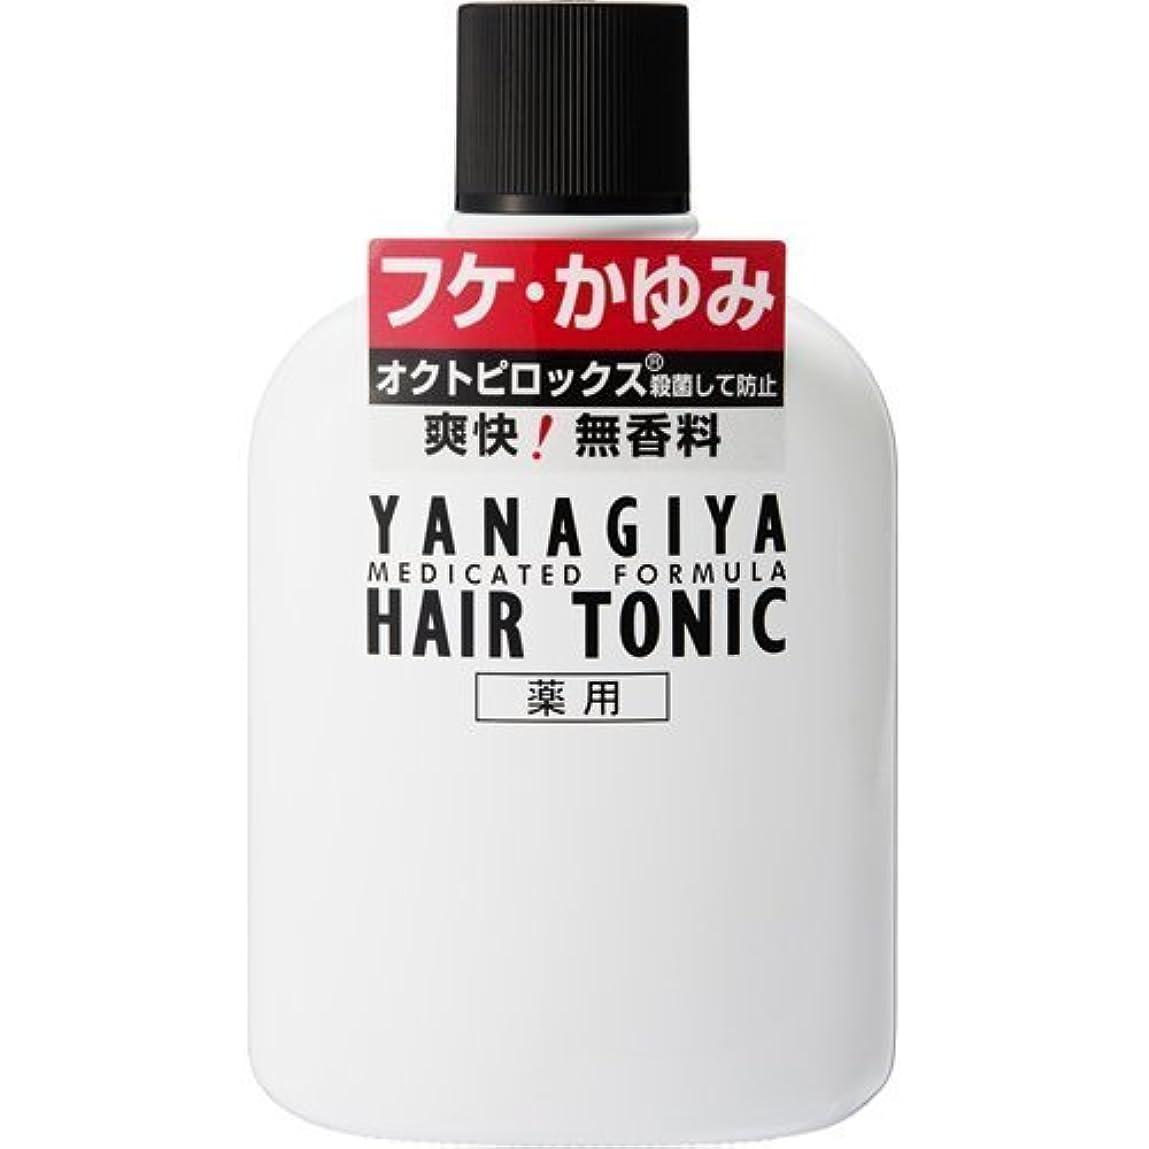 安価な作成する真似る柳屋 薬用ヘアトニック フケ?かゆみ用 240ml